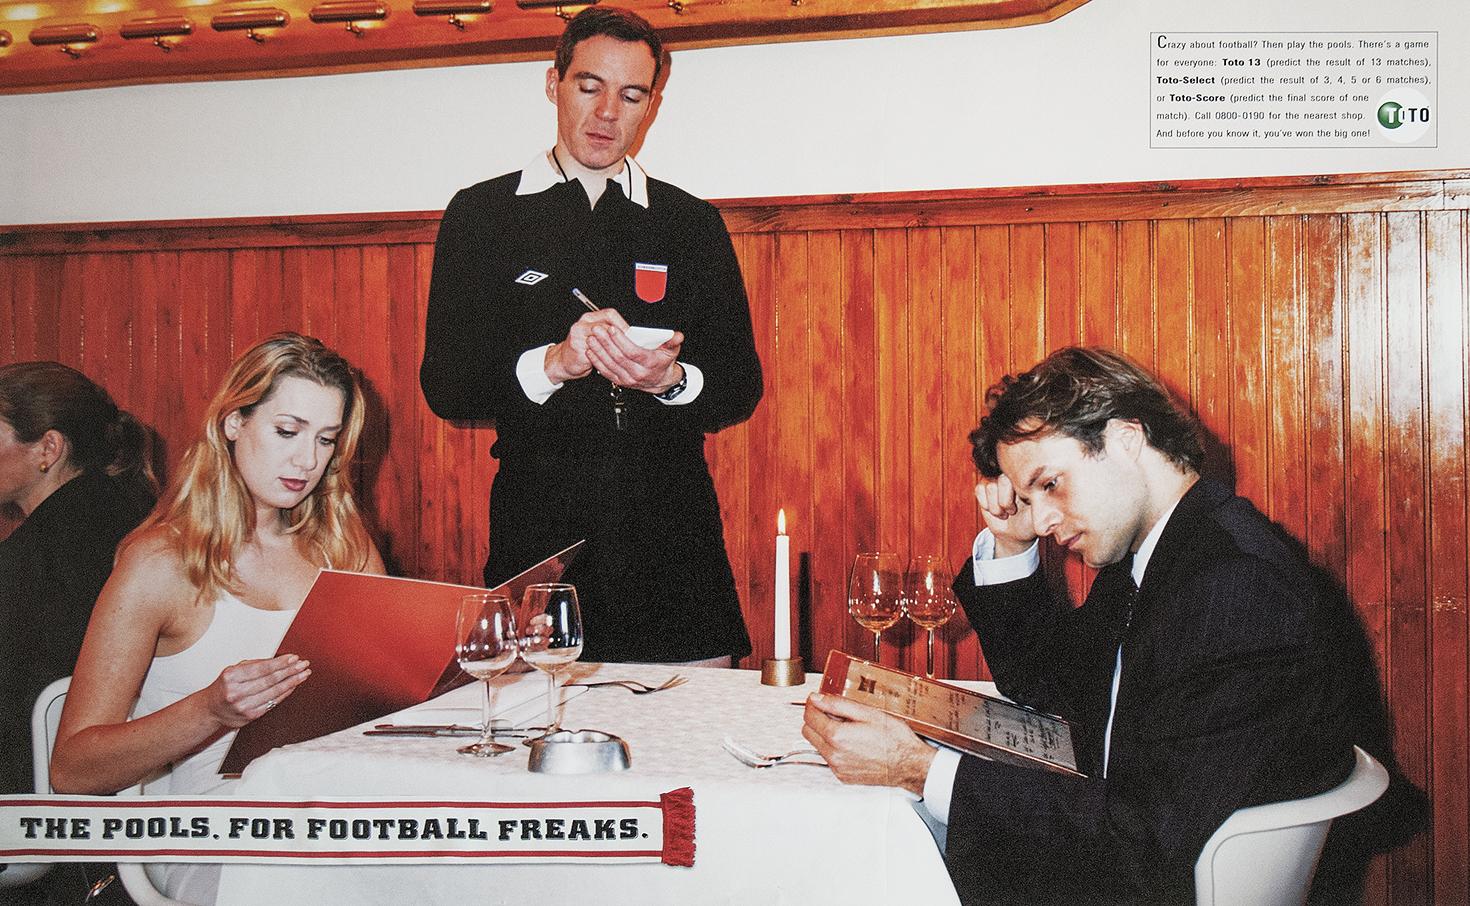 DeToto_voetbalgek_diner_engels_klein.jpg